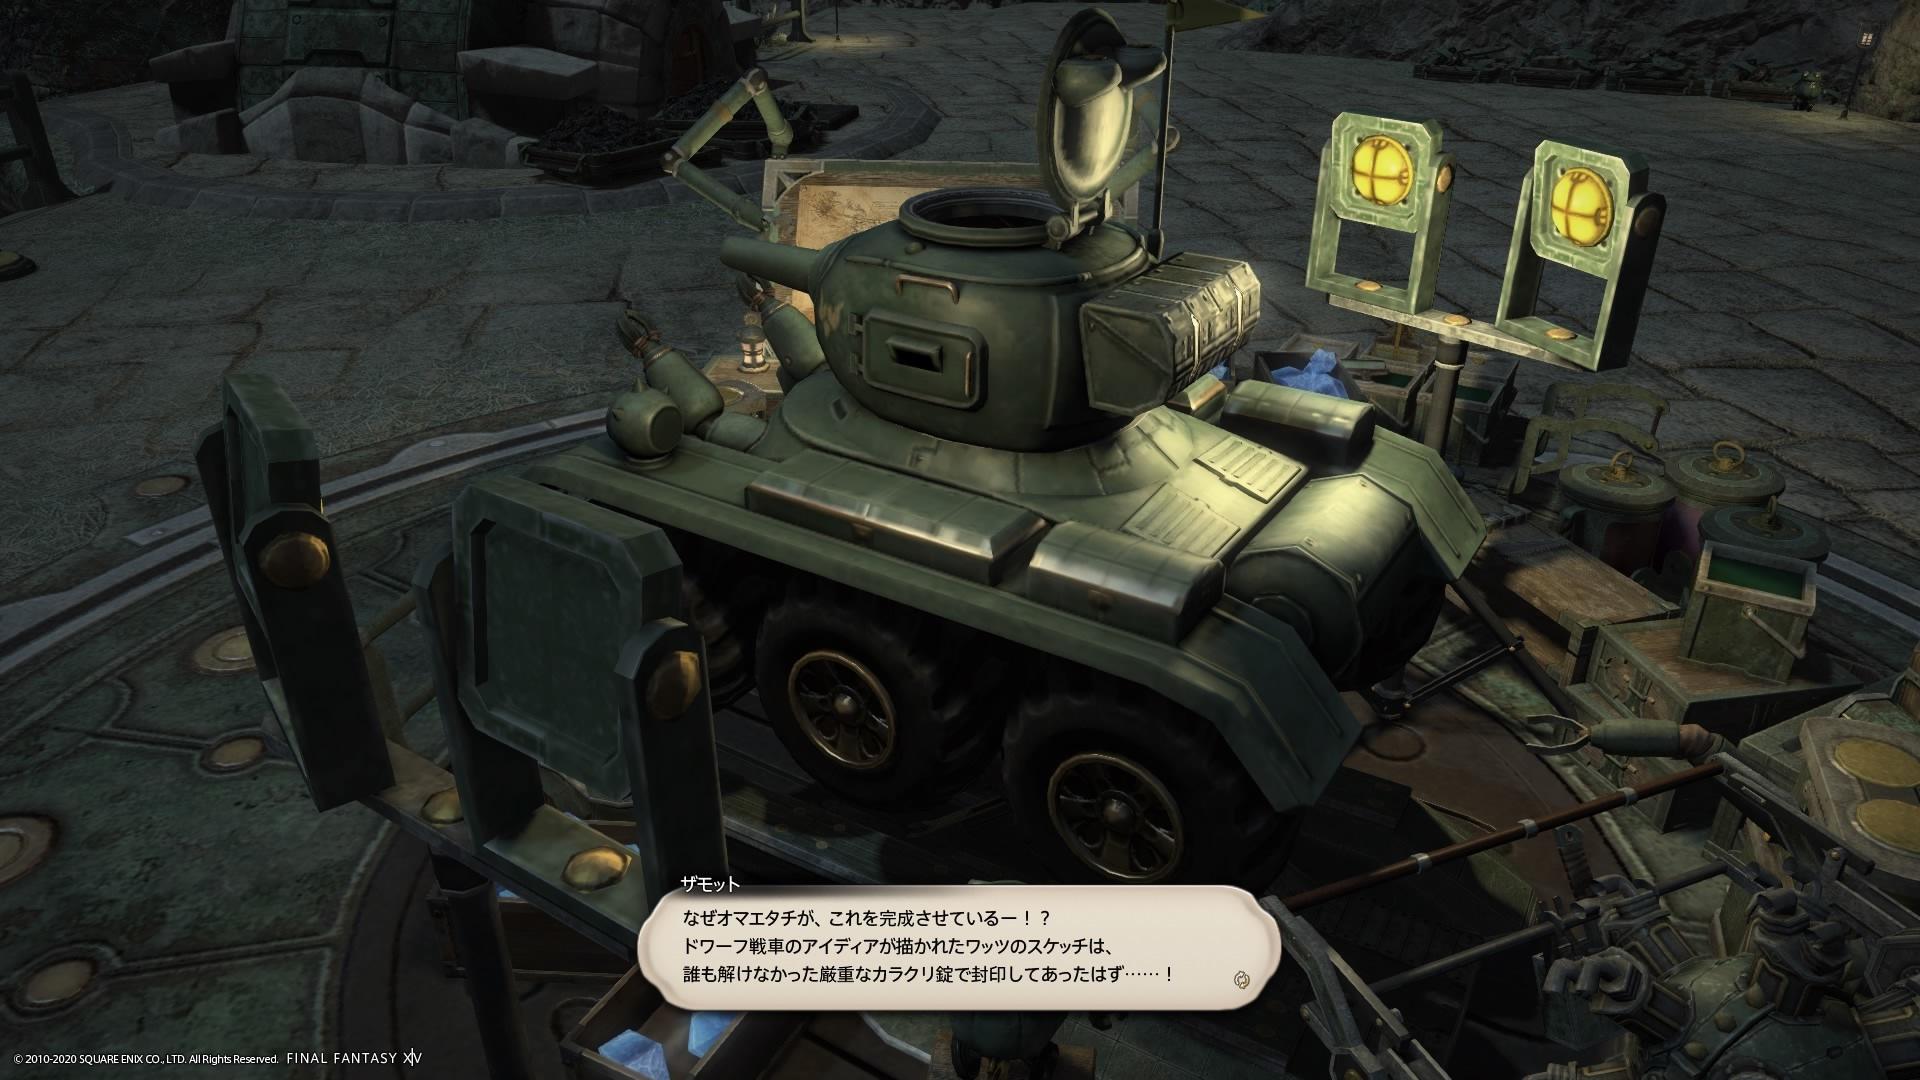 戦車 ドワーフ